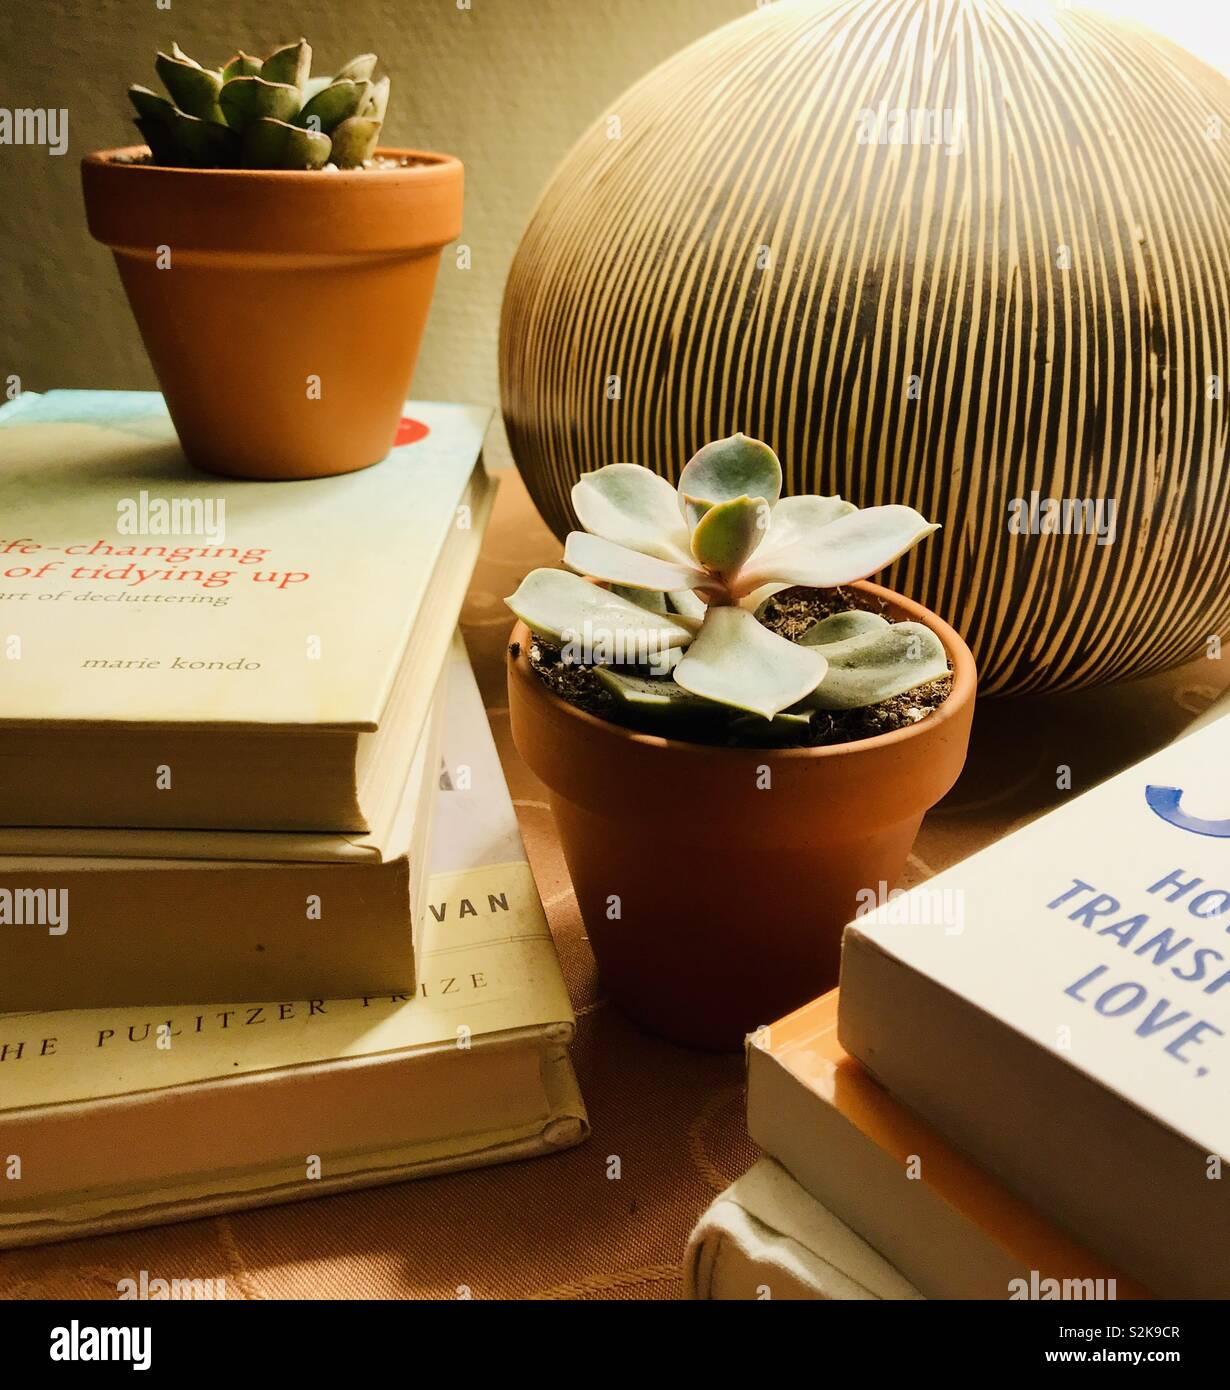 Libros apilados y plantas suculentas decoración con lámpara Imagen De Stock